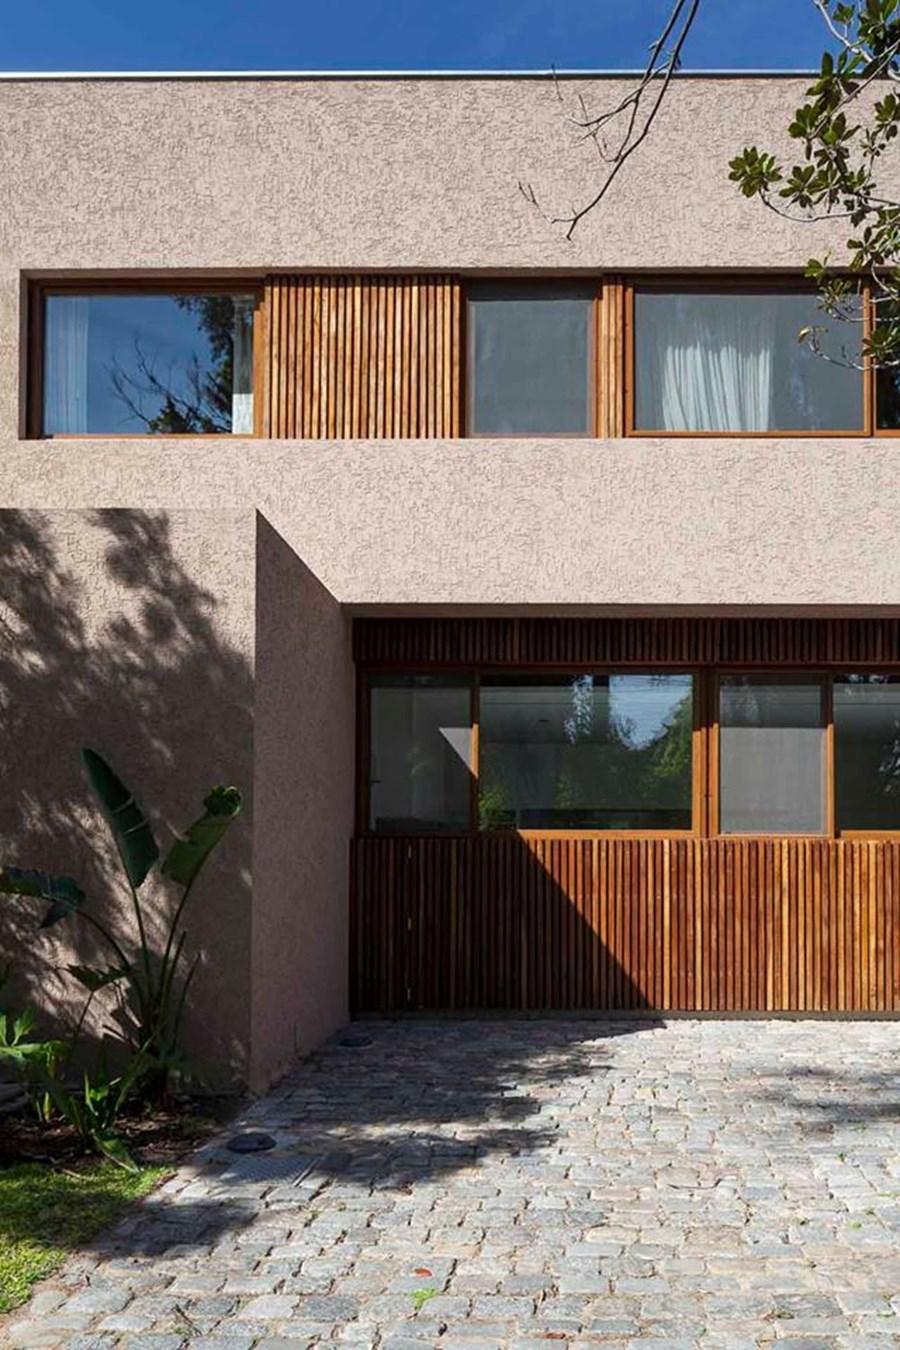 Casa Mirasoles by Andres Fernandez Abadie 23